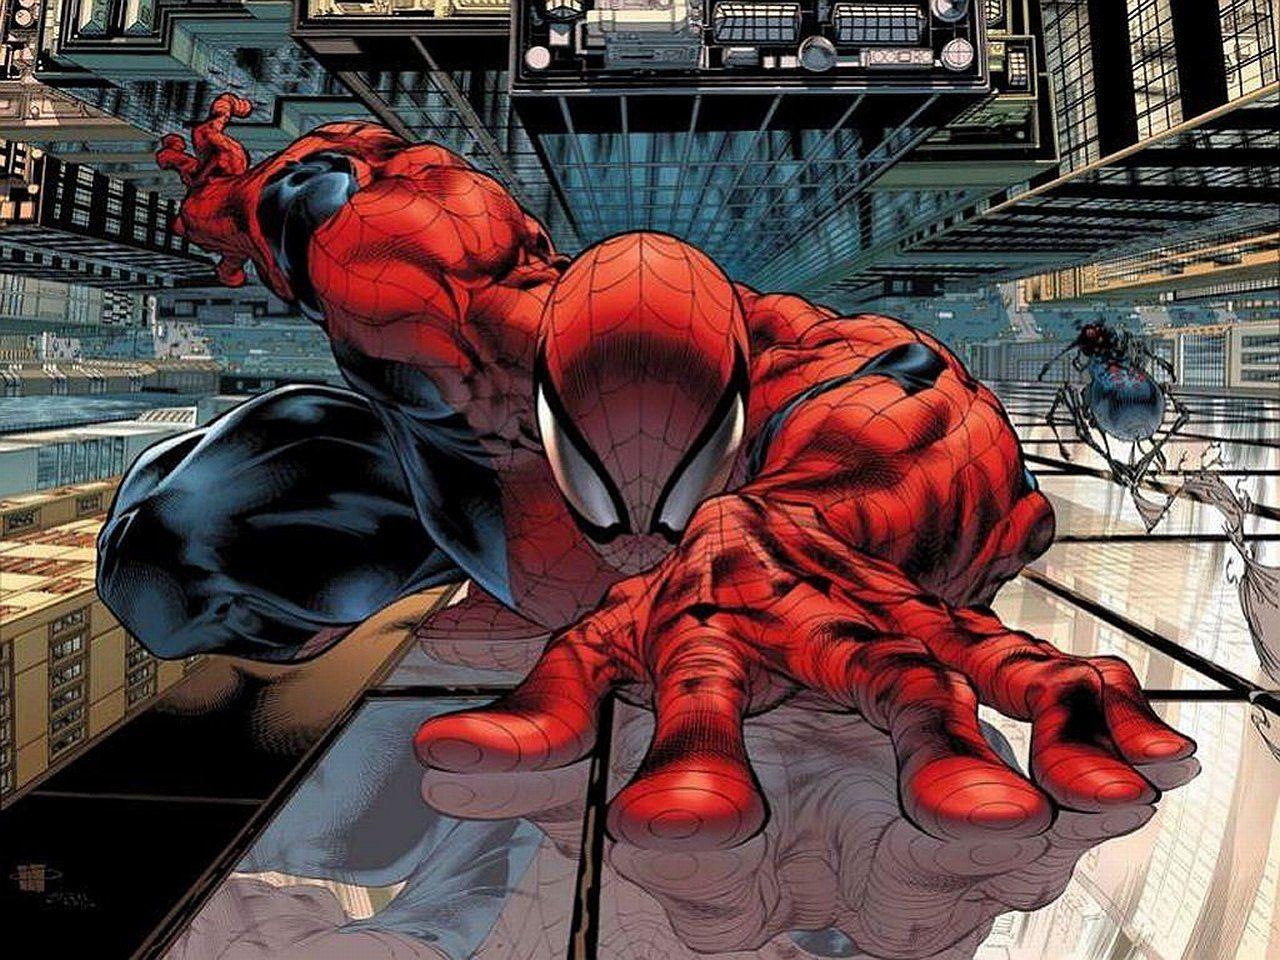 Spiderman Comic Wallpapers Phone Bozhuwallpaper Wallpaper